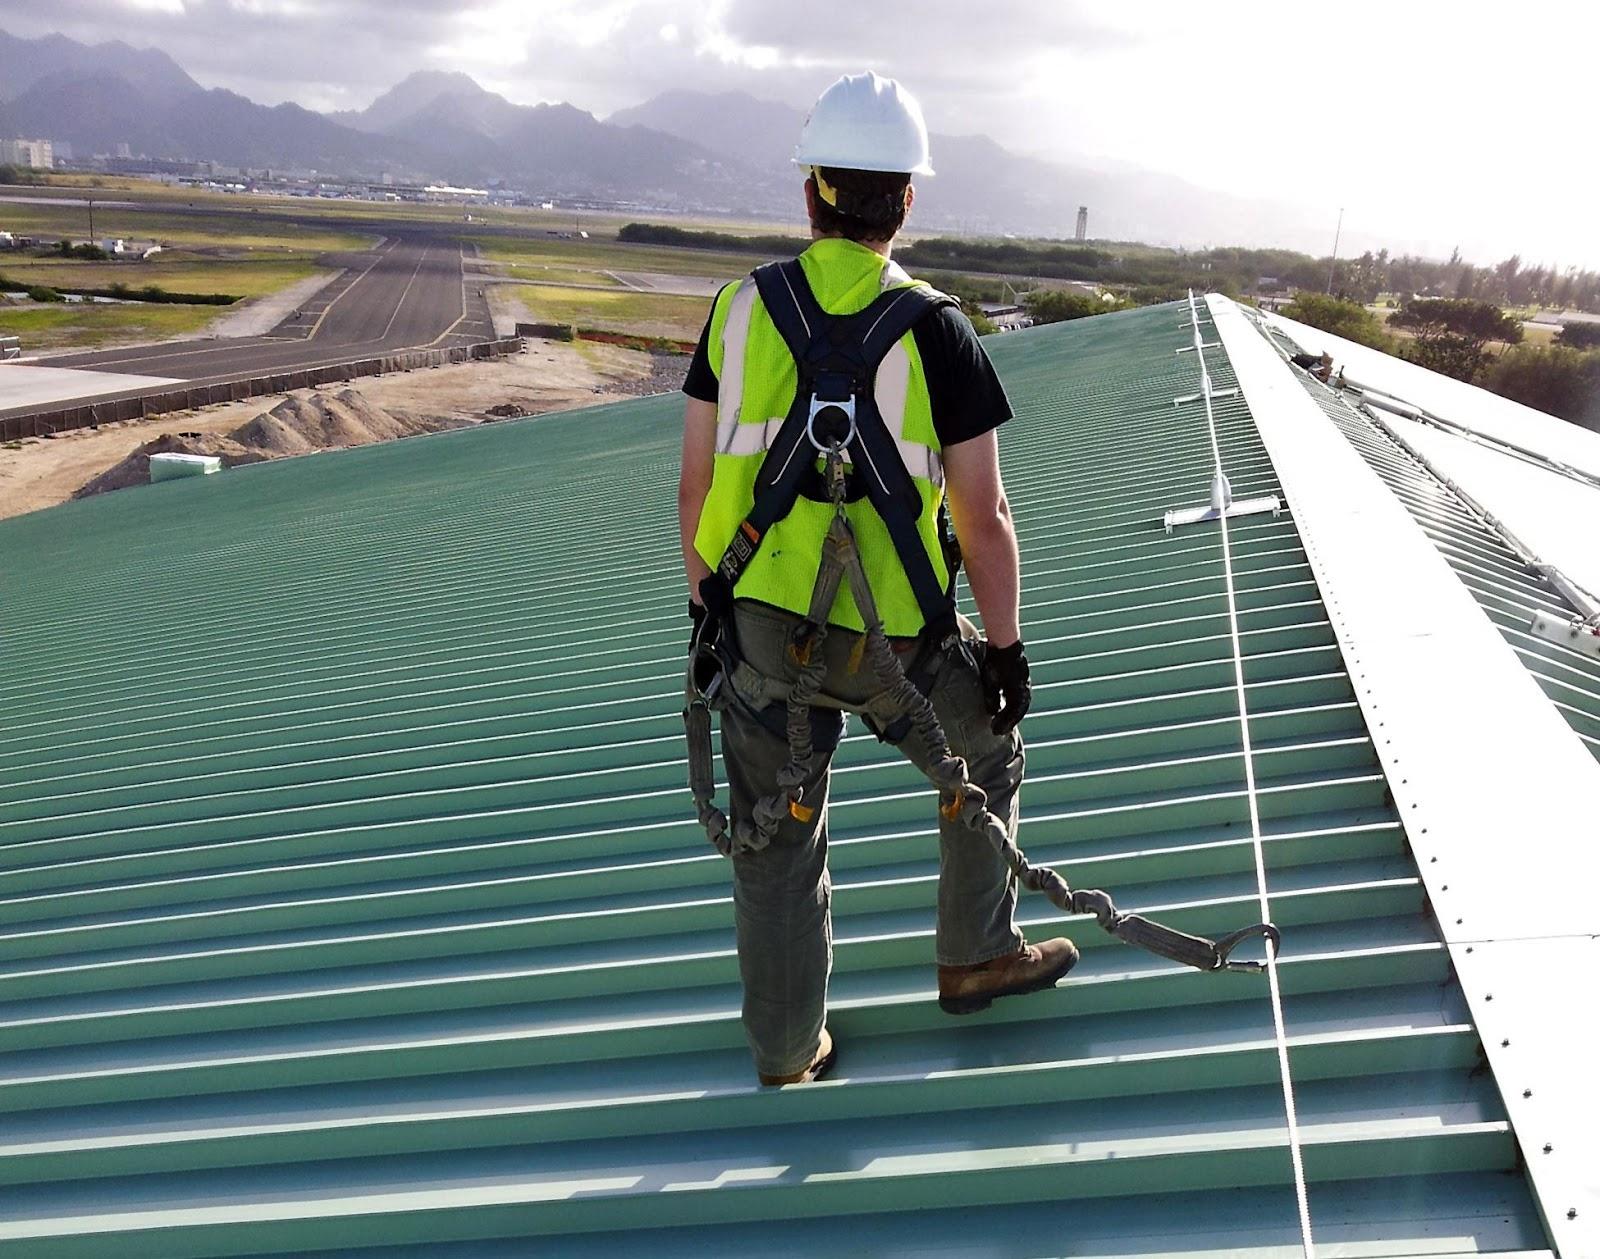 Kiểm tra lại mái trước khi hoàn thành quá trình lắp đặt